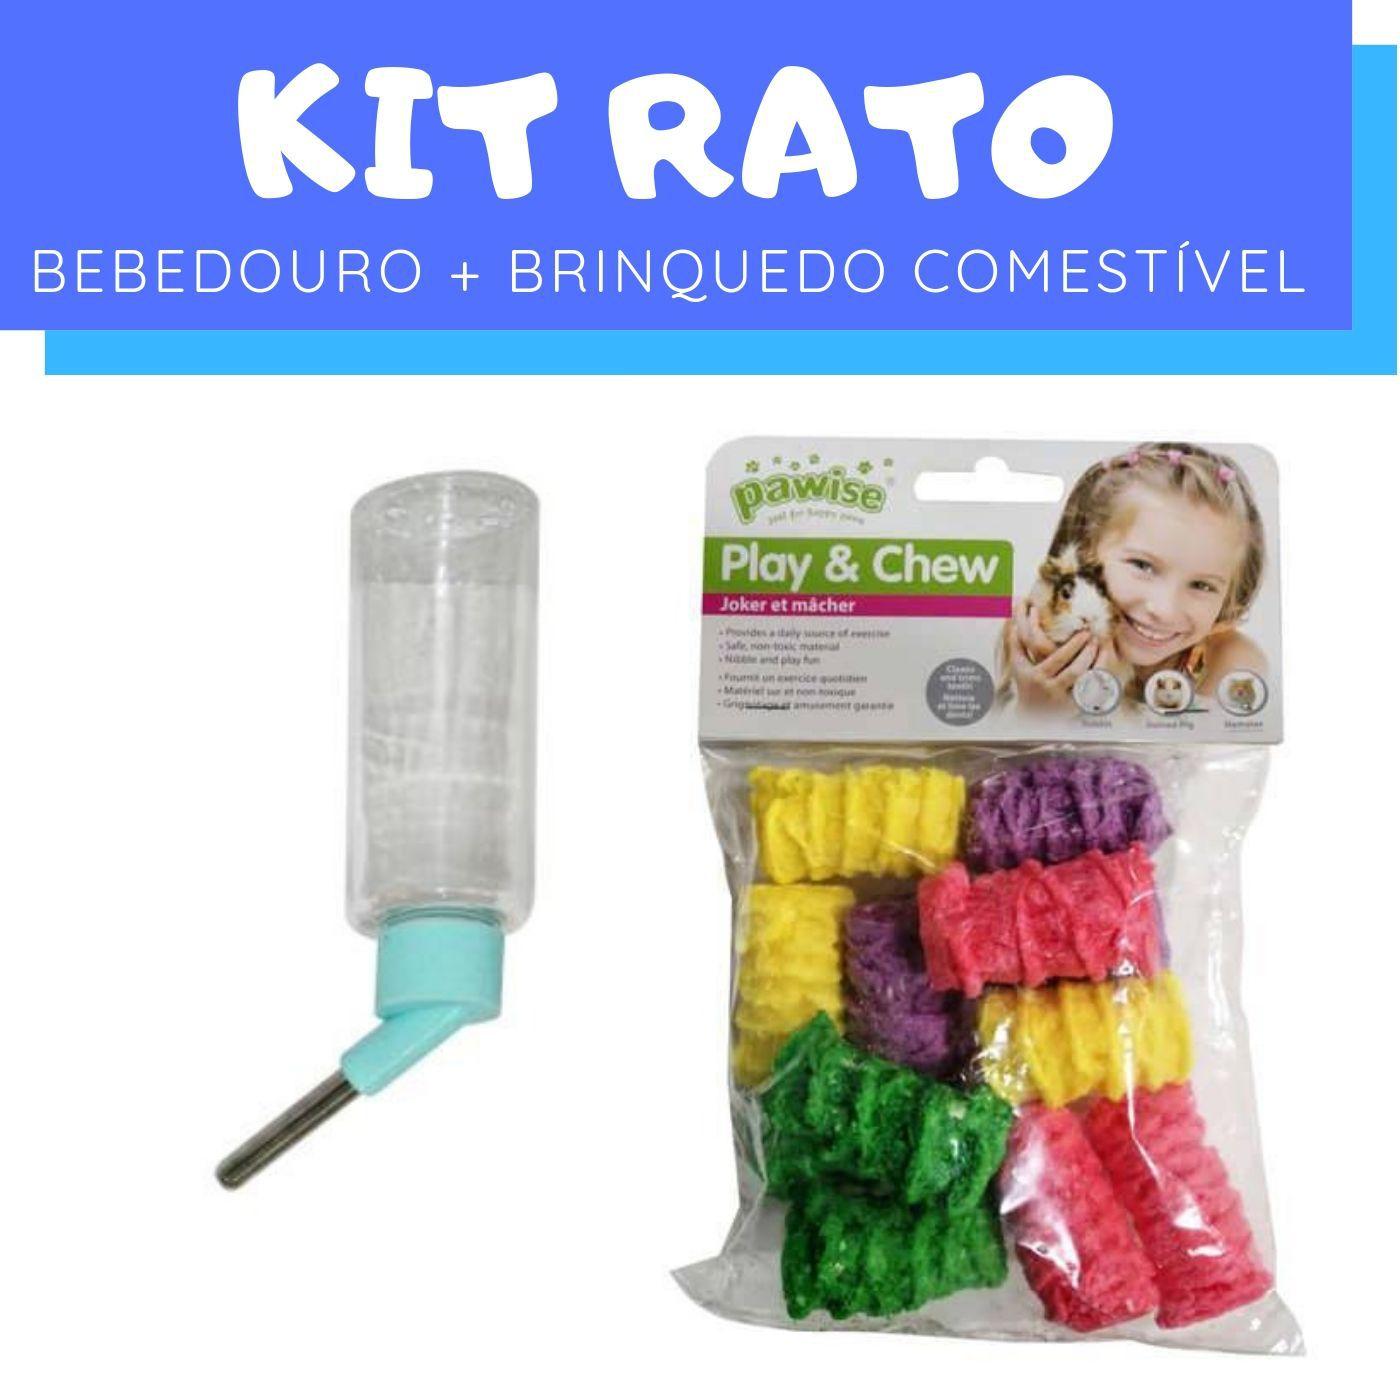 Kit Rato com Bebedouro e Brinquedo Comestível Pawise